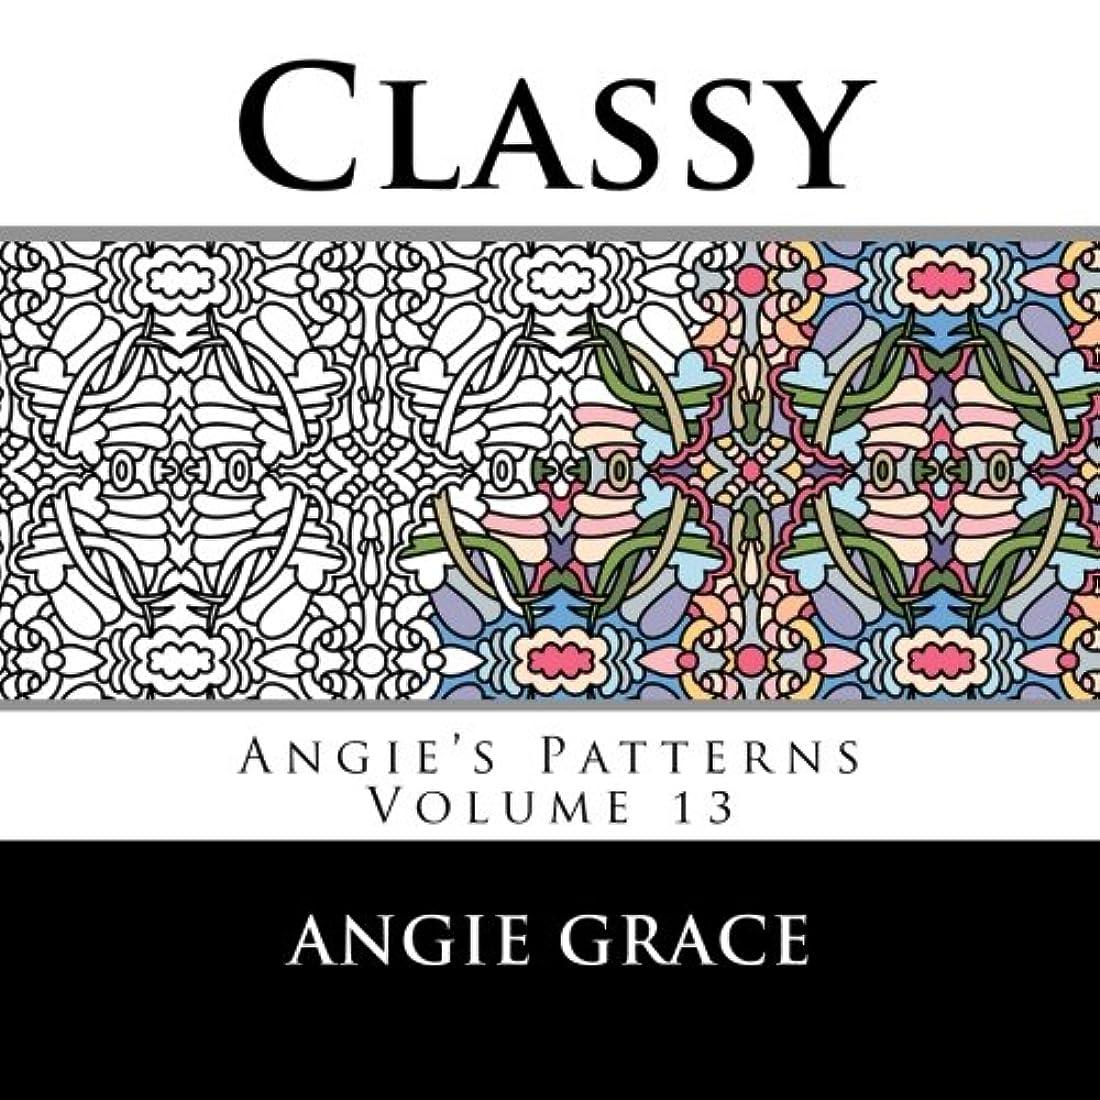 ボックス隠されたええClassy (Angie's Patterns Volume 13)